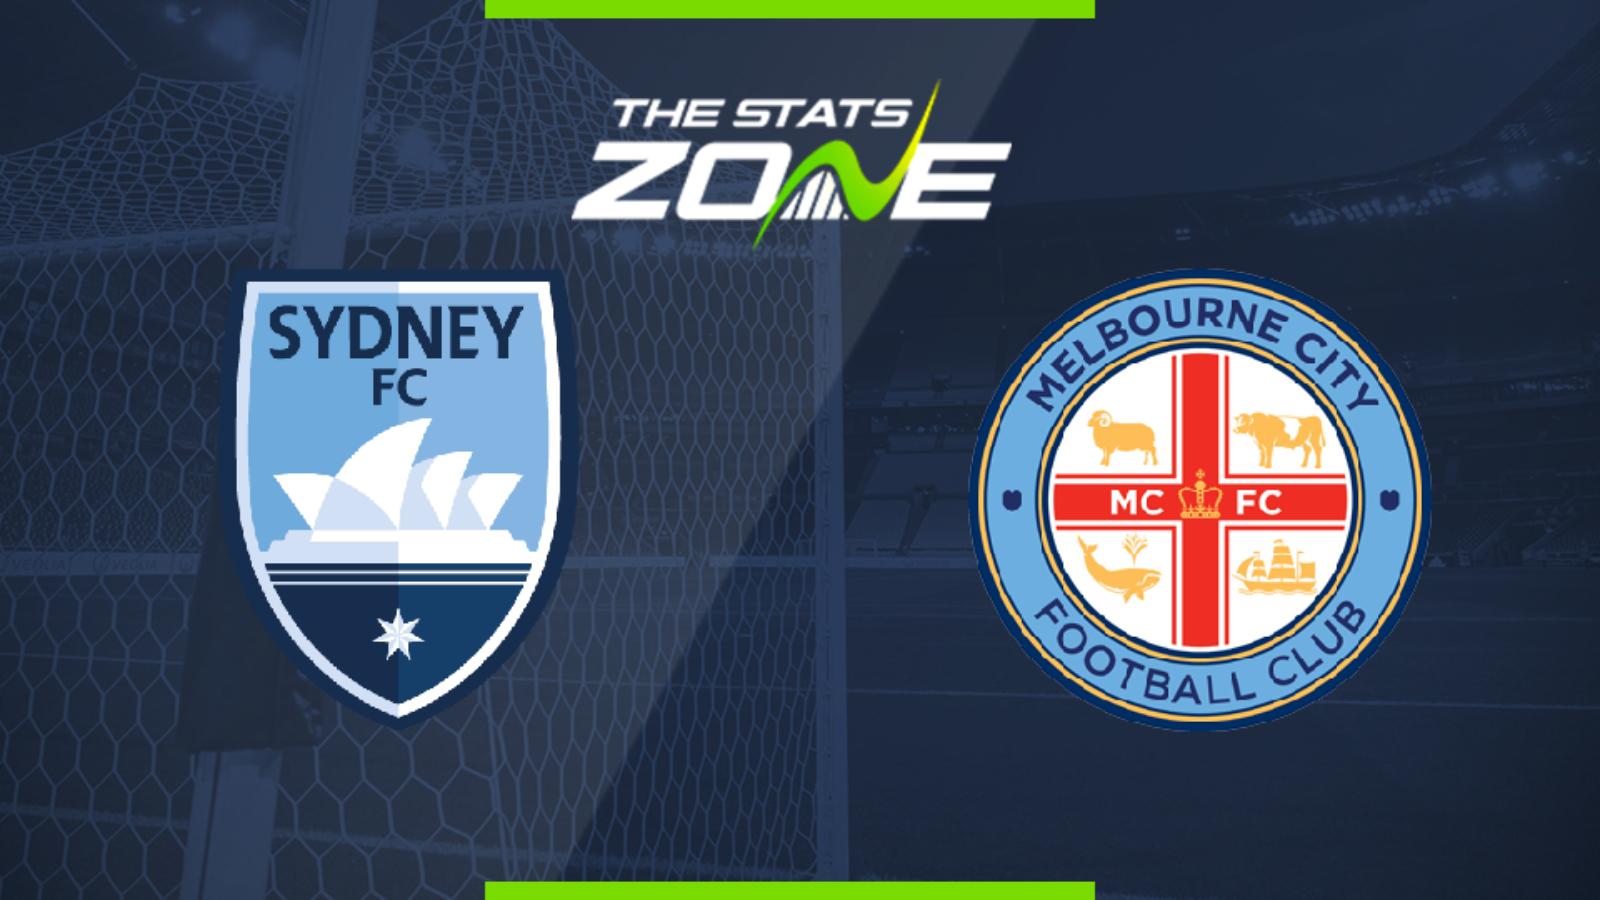 「澳洲甲附」赛事前瞻:悉尼FCvs墨尔本城,悉尼FC更胜一筹